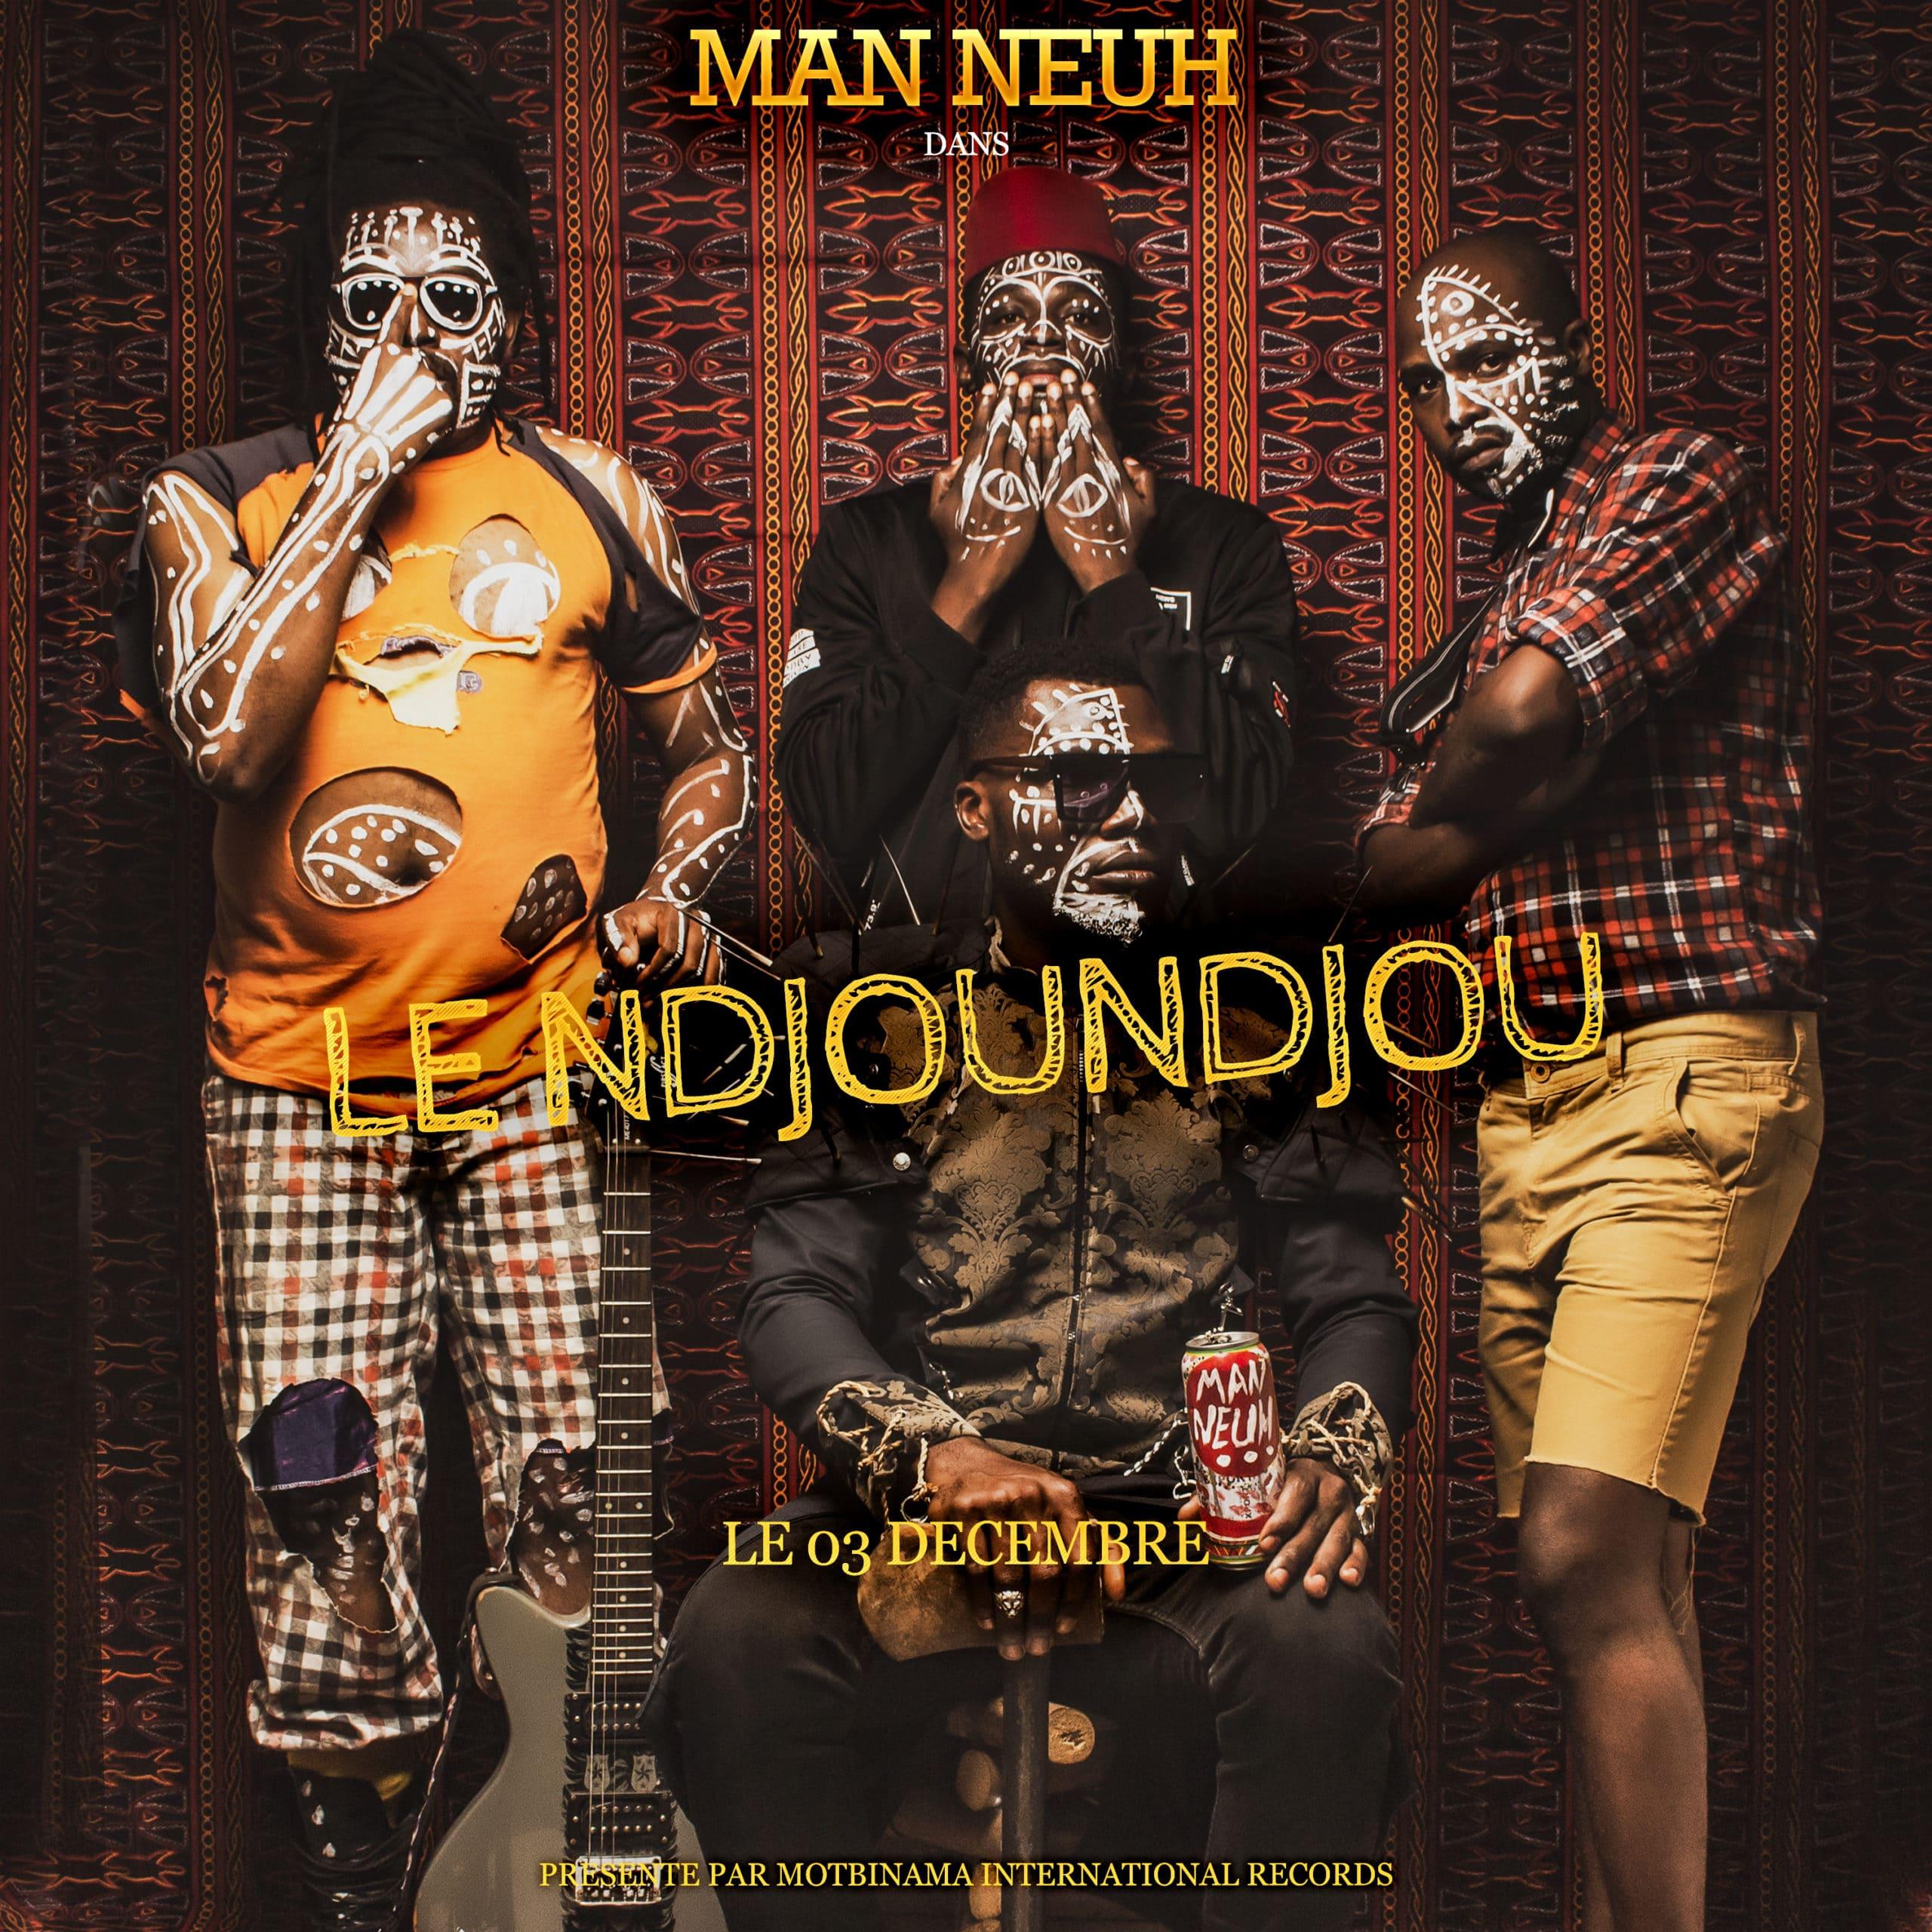 Man Neuh - Le Ndjoundjou